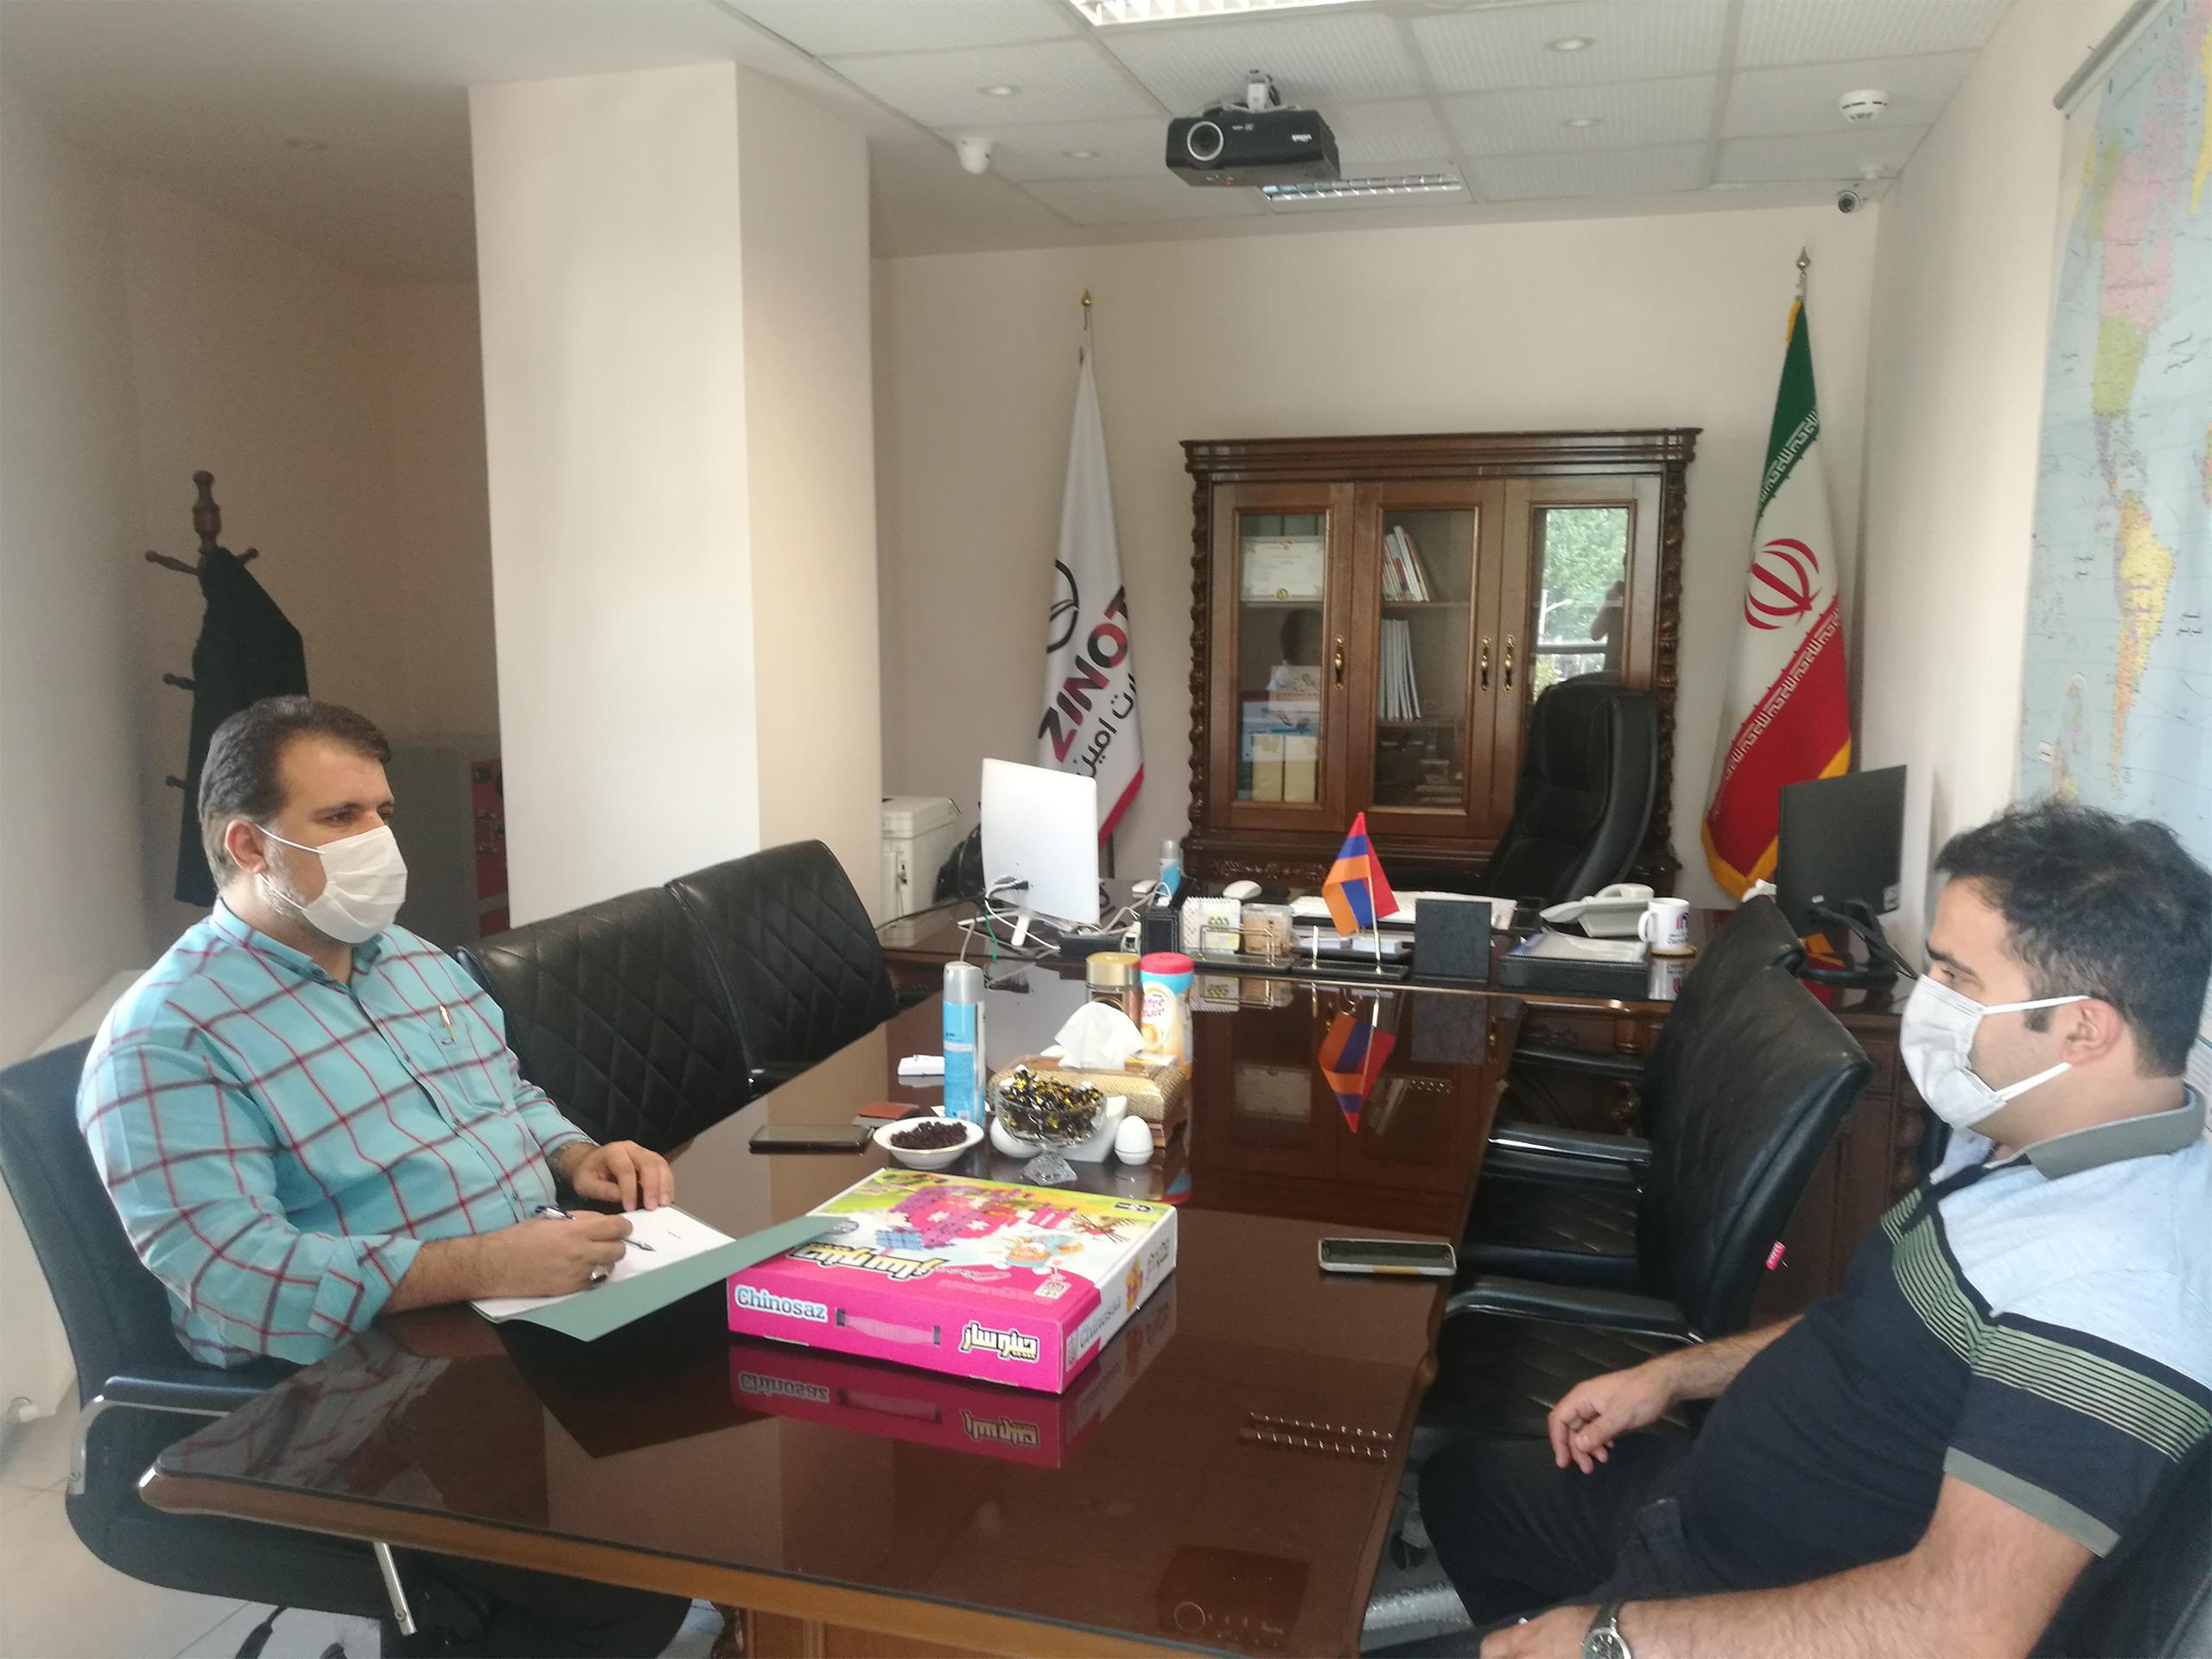 نشست با آقای فغانی مدیر عامل مجموعه تولیدی تابا